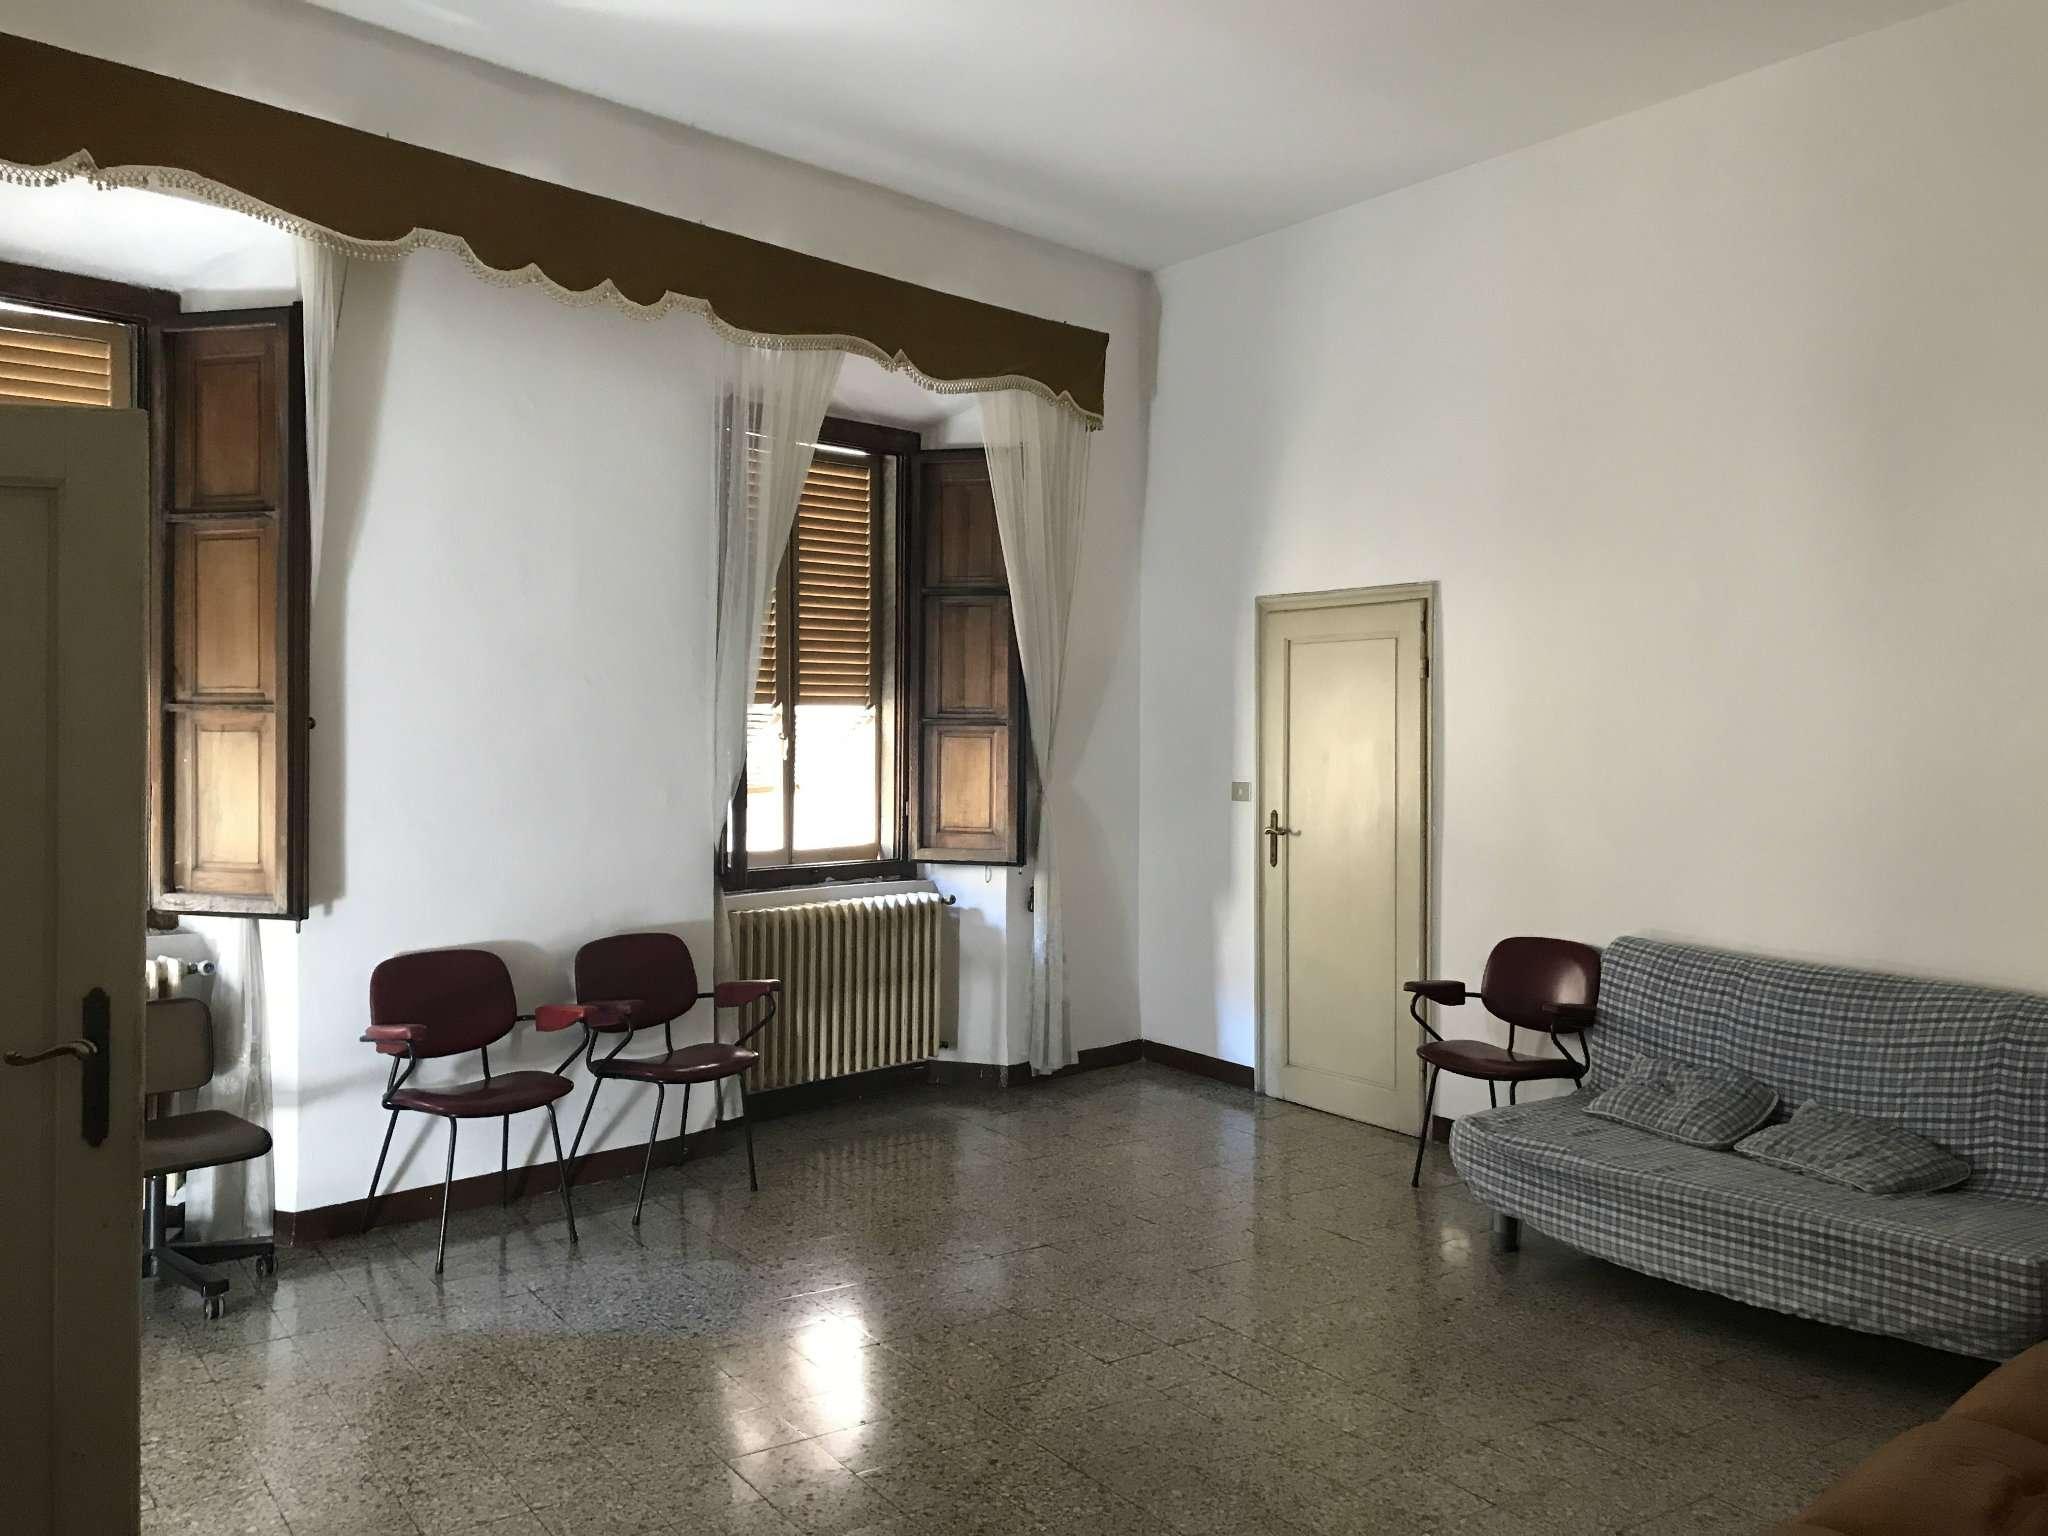 Appartamento in vendita a Sansepolcro, 5 locali, prezzo € 117.000 | CambioCasa.it